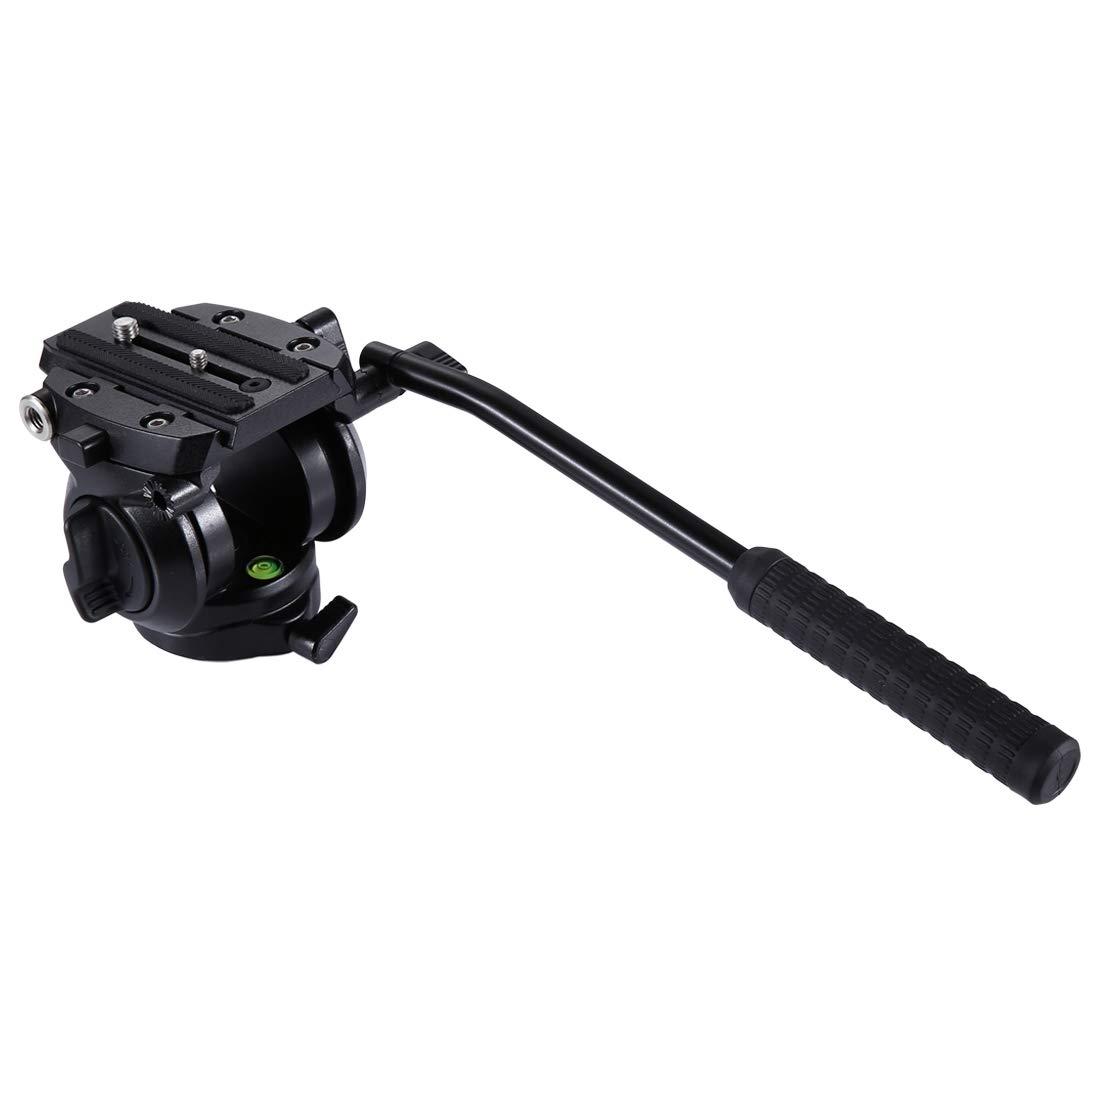 カメラ用 カメラアクセサリーヘビーデューティビデオカメラ三脚動作流体スライディングプレート付きドラッグヘッド対応DSLR/SLRカメラ カメラアクセサリー   B07QGCTLQX